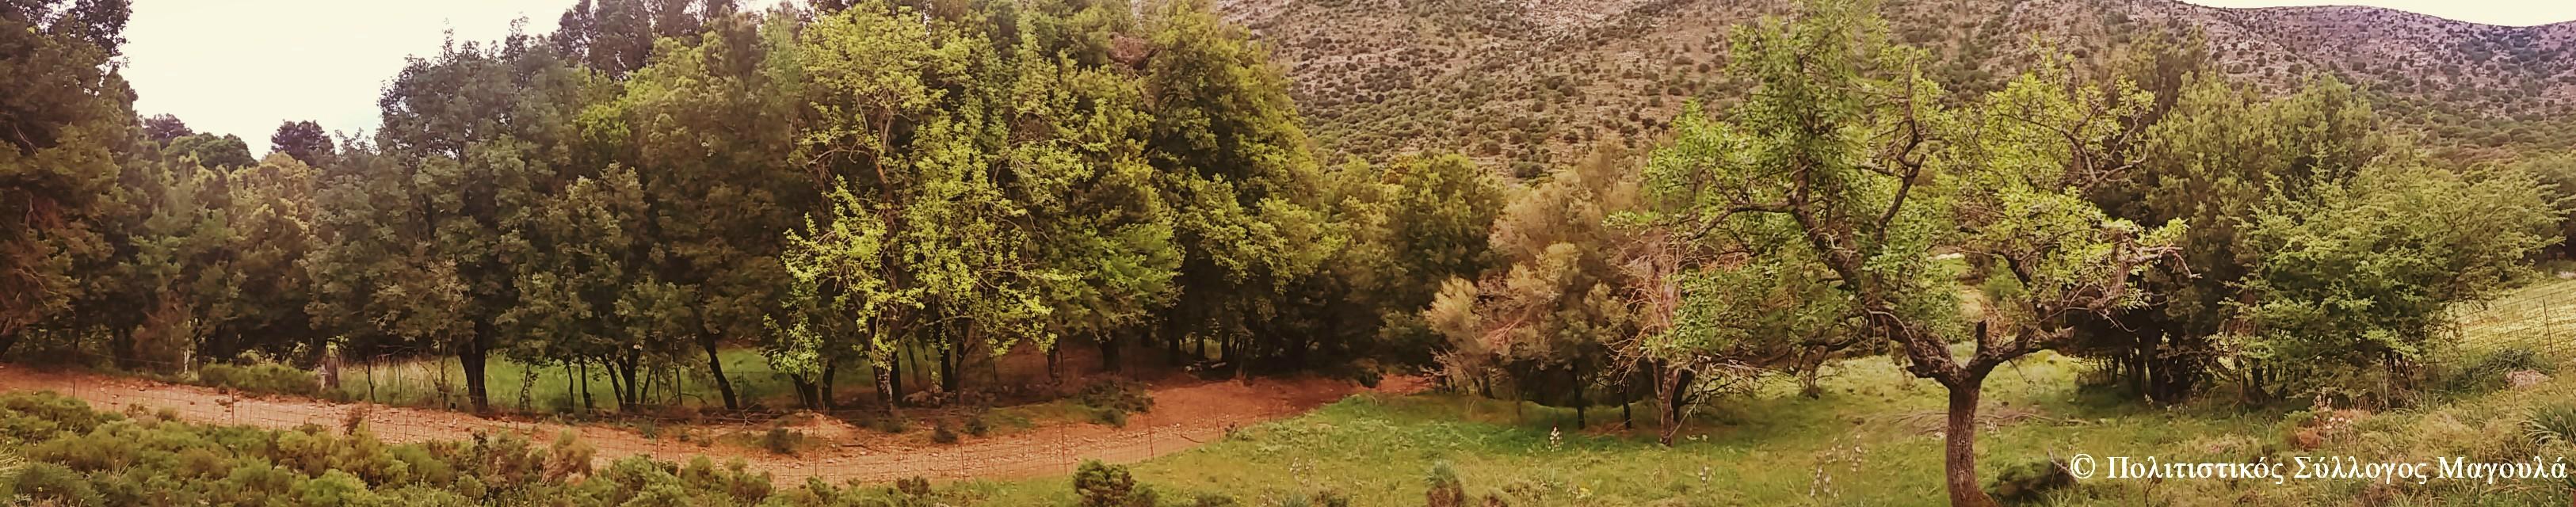 Περιοχή του Κλώρου- Area of Kloros